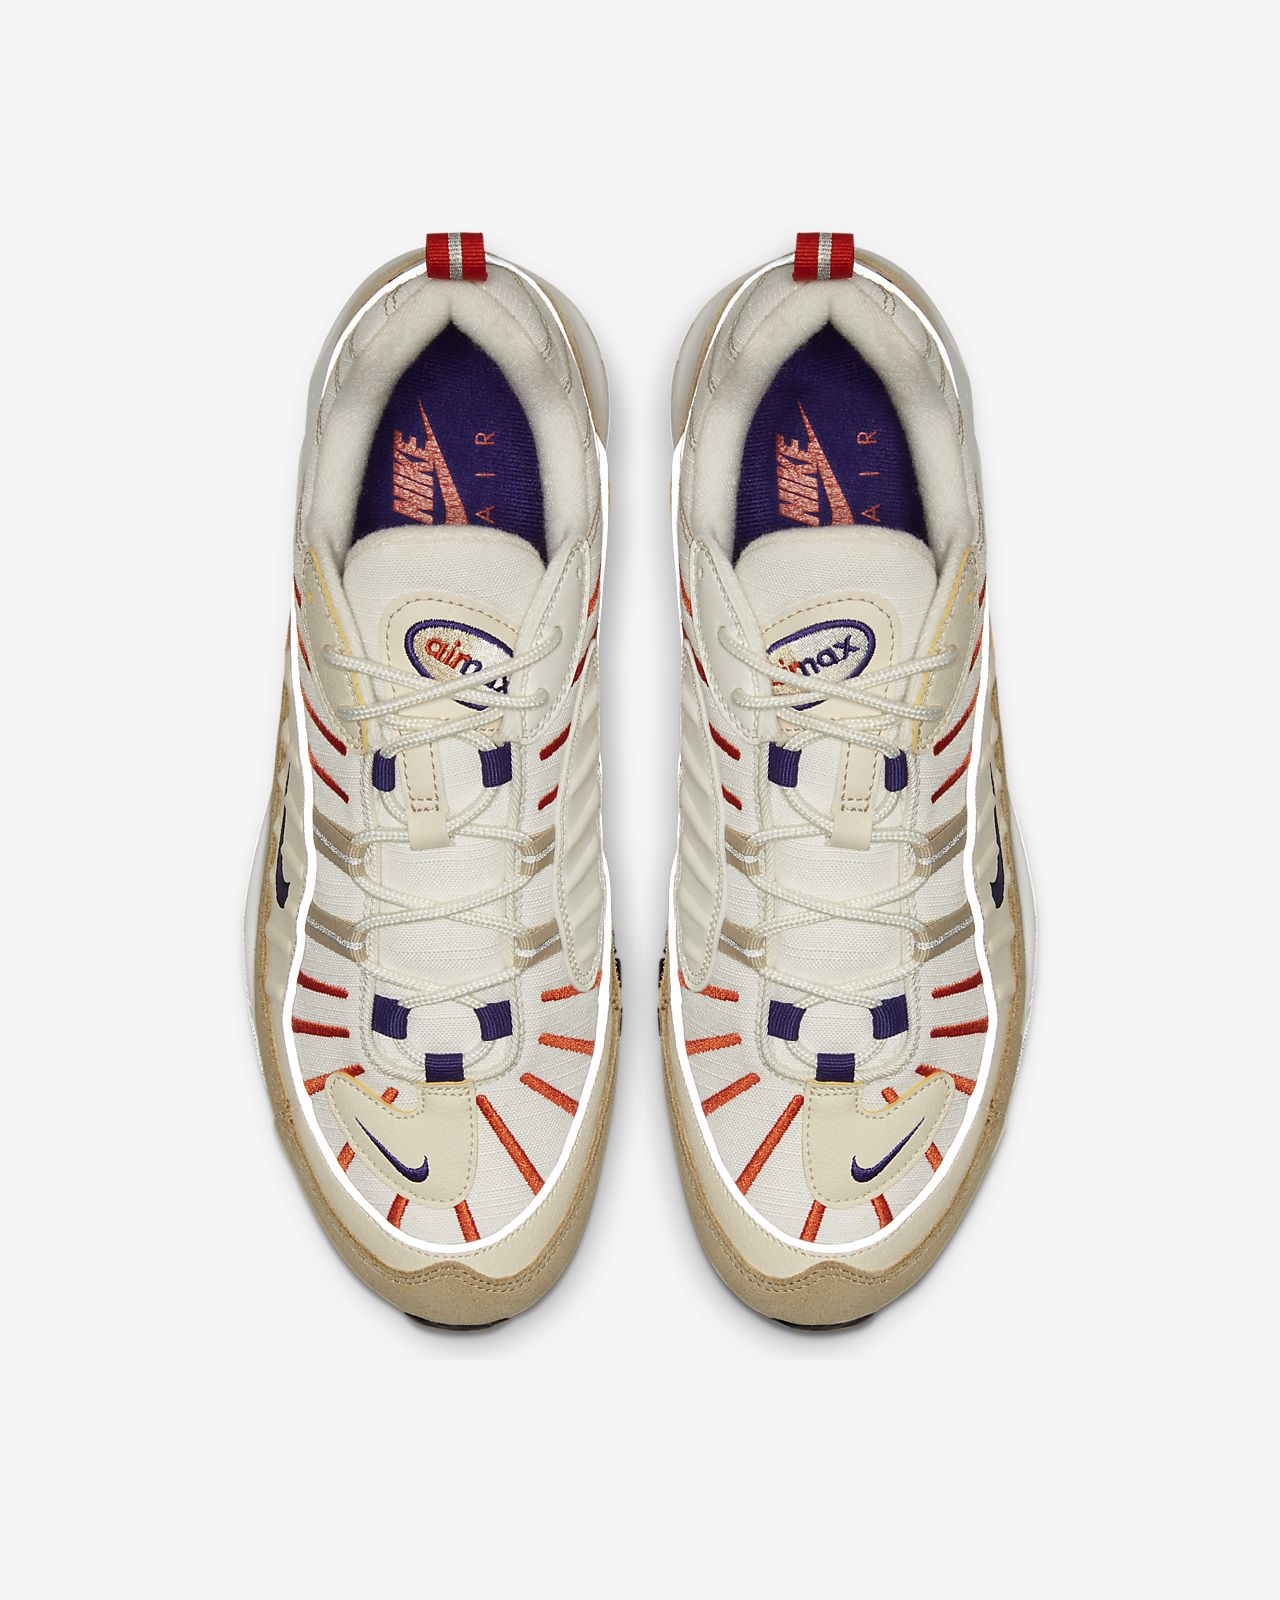 Pour Homme Chaussure Nike Max 98 Air hxBtsQdrC